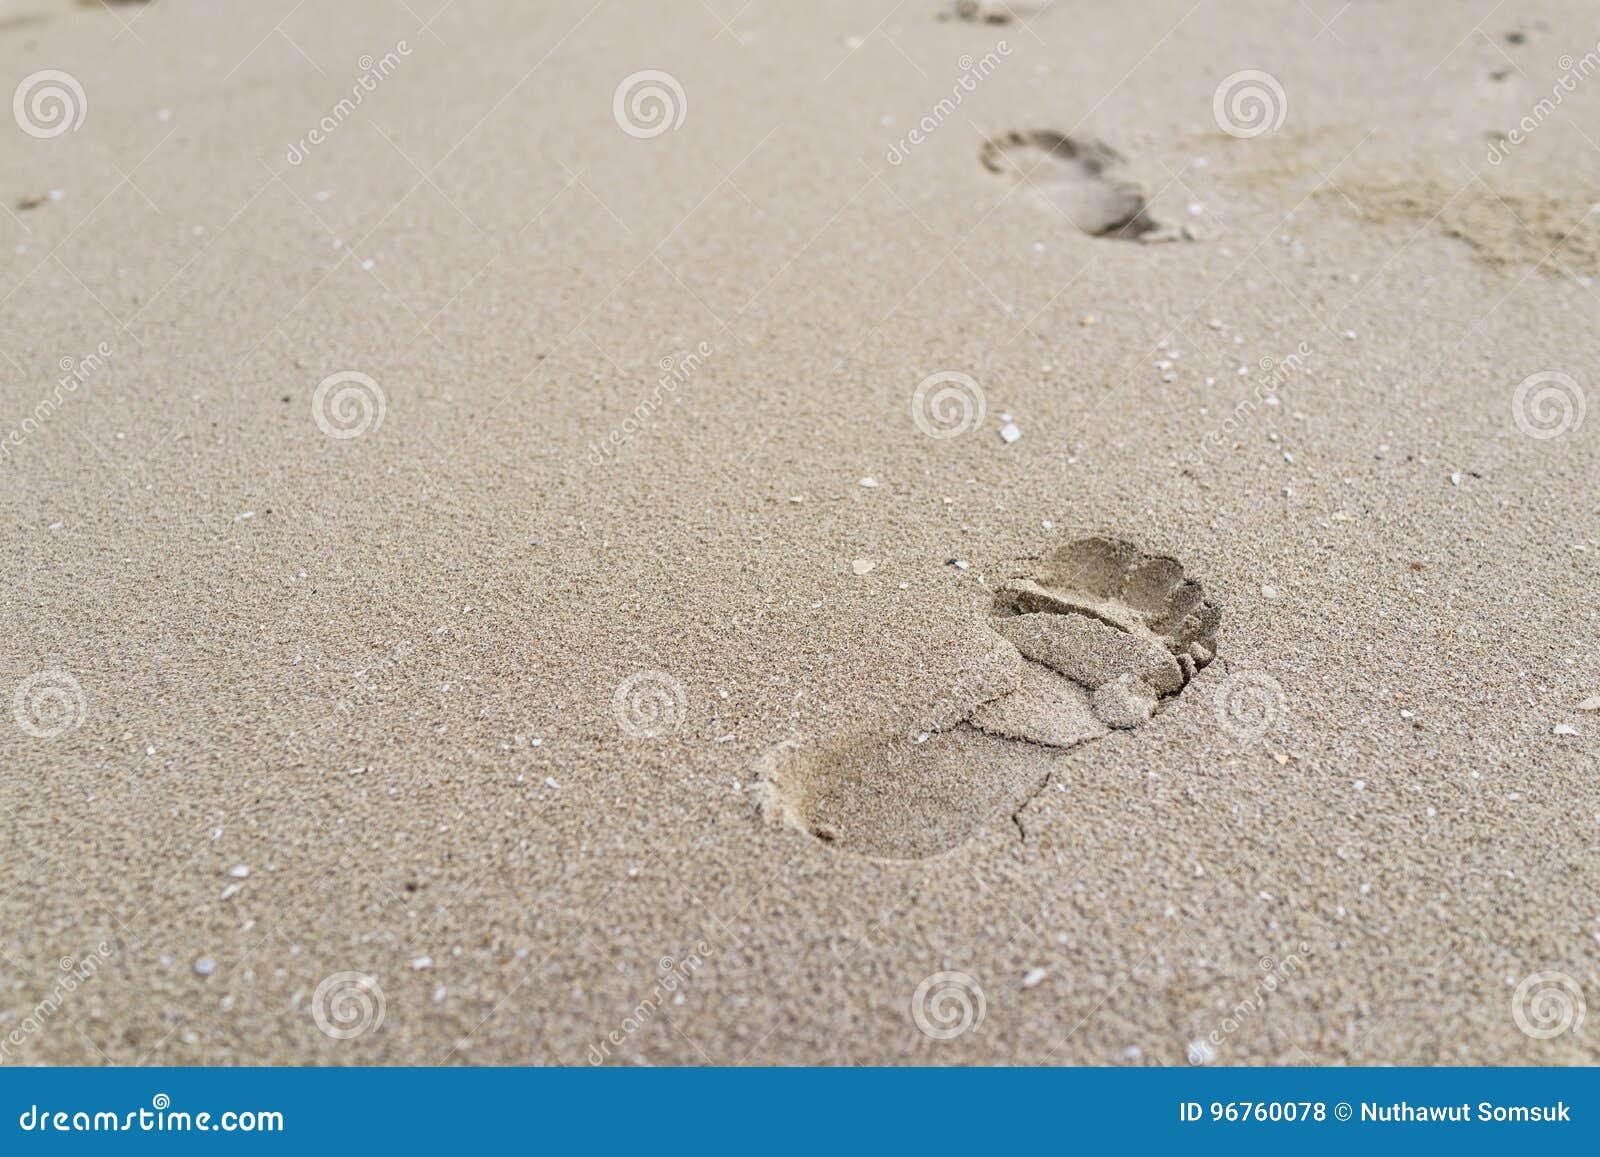 Den selektiva fokusen på stort fotspår på sanden som livresa lurar